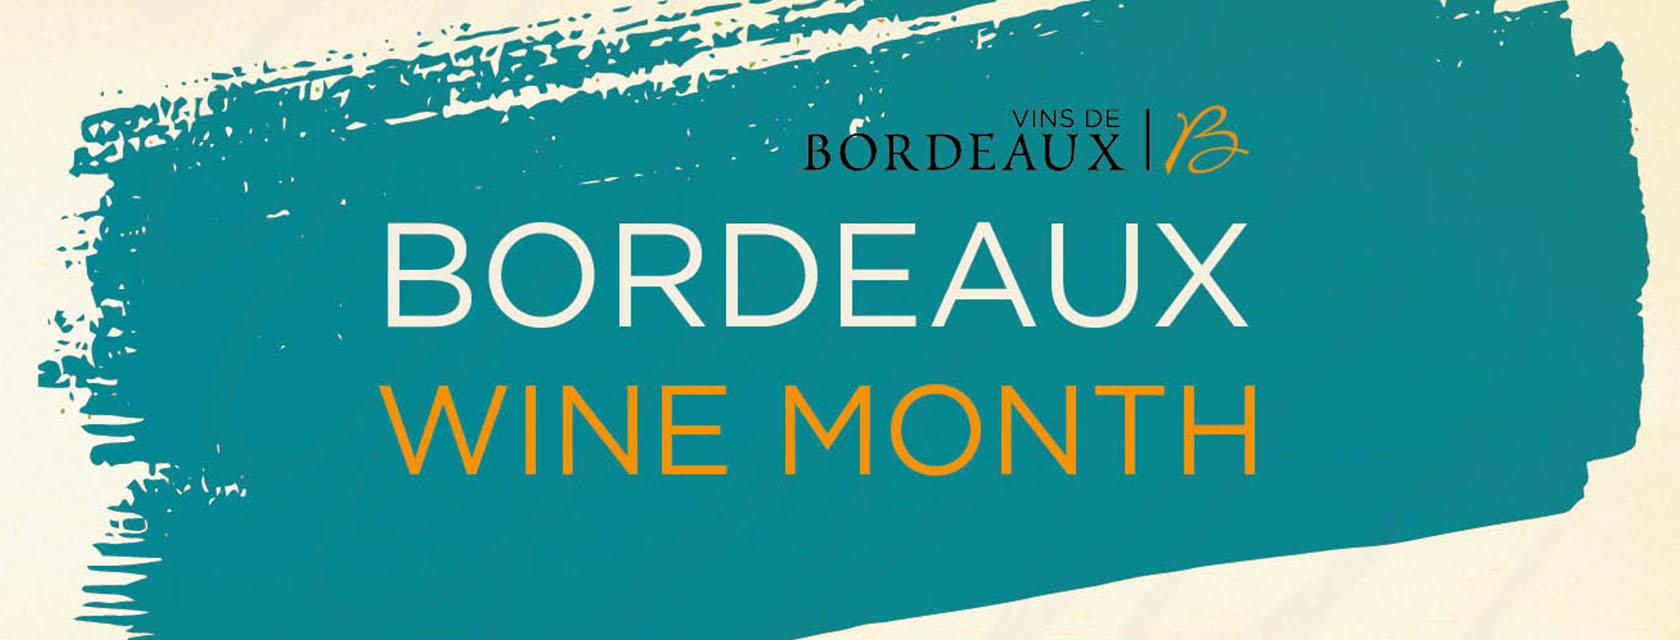 Bordeaux Wine Month Banner Image